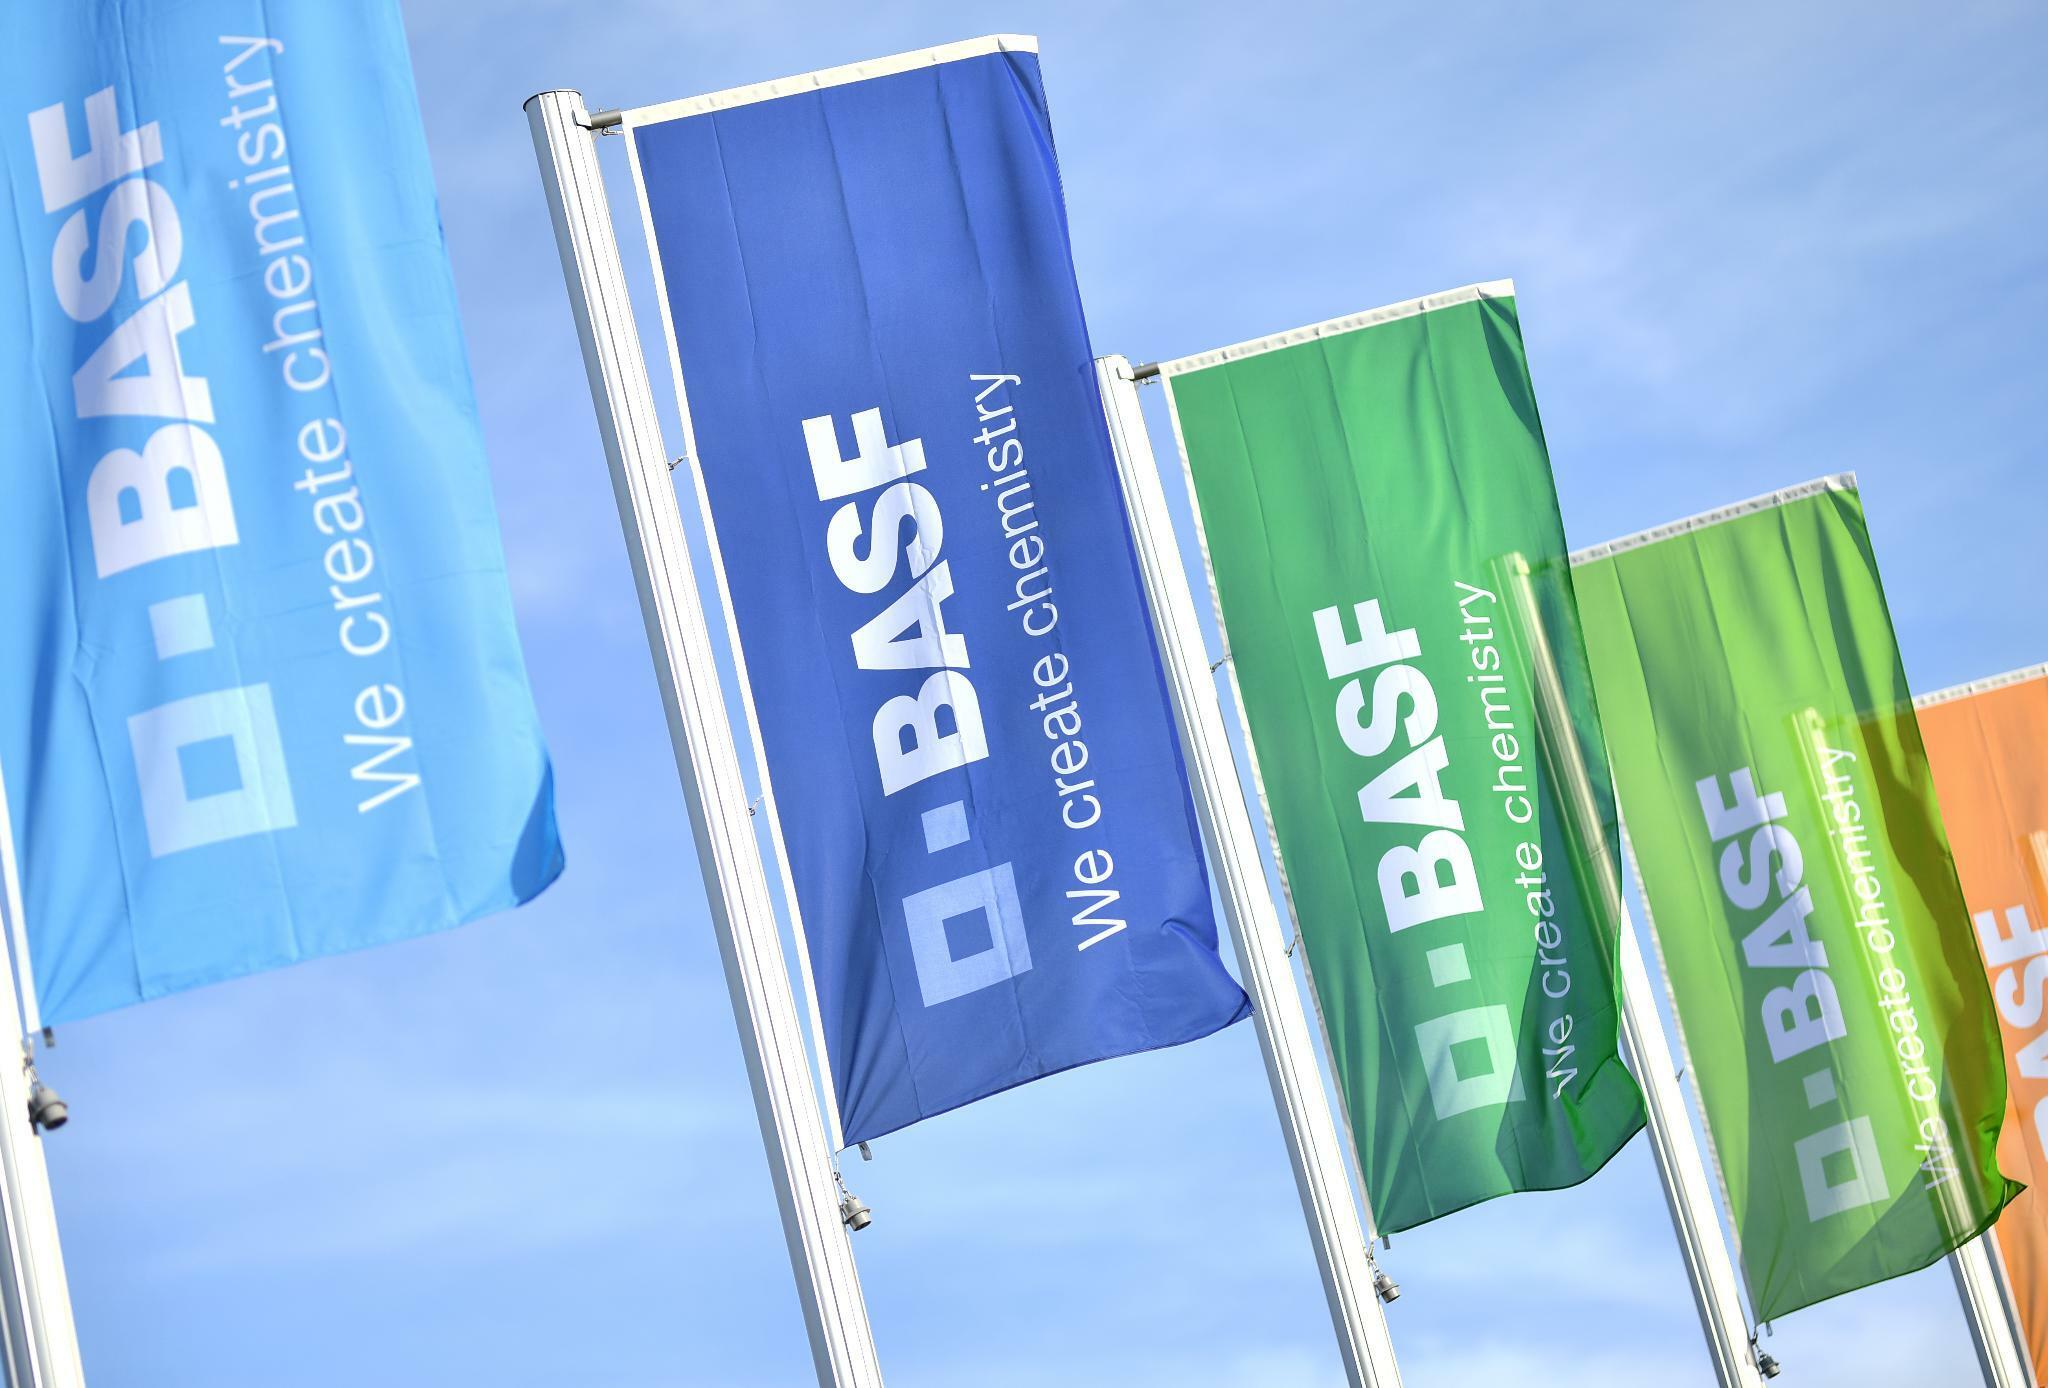 Chemiekonzern: BASF prüft Milliarden-Investition in indisches Werk